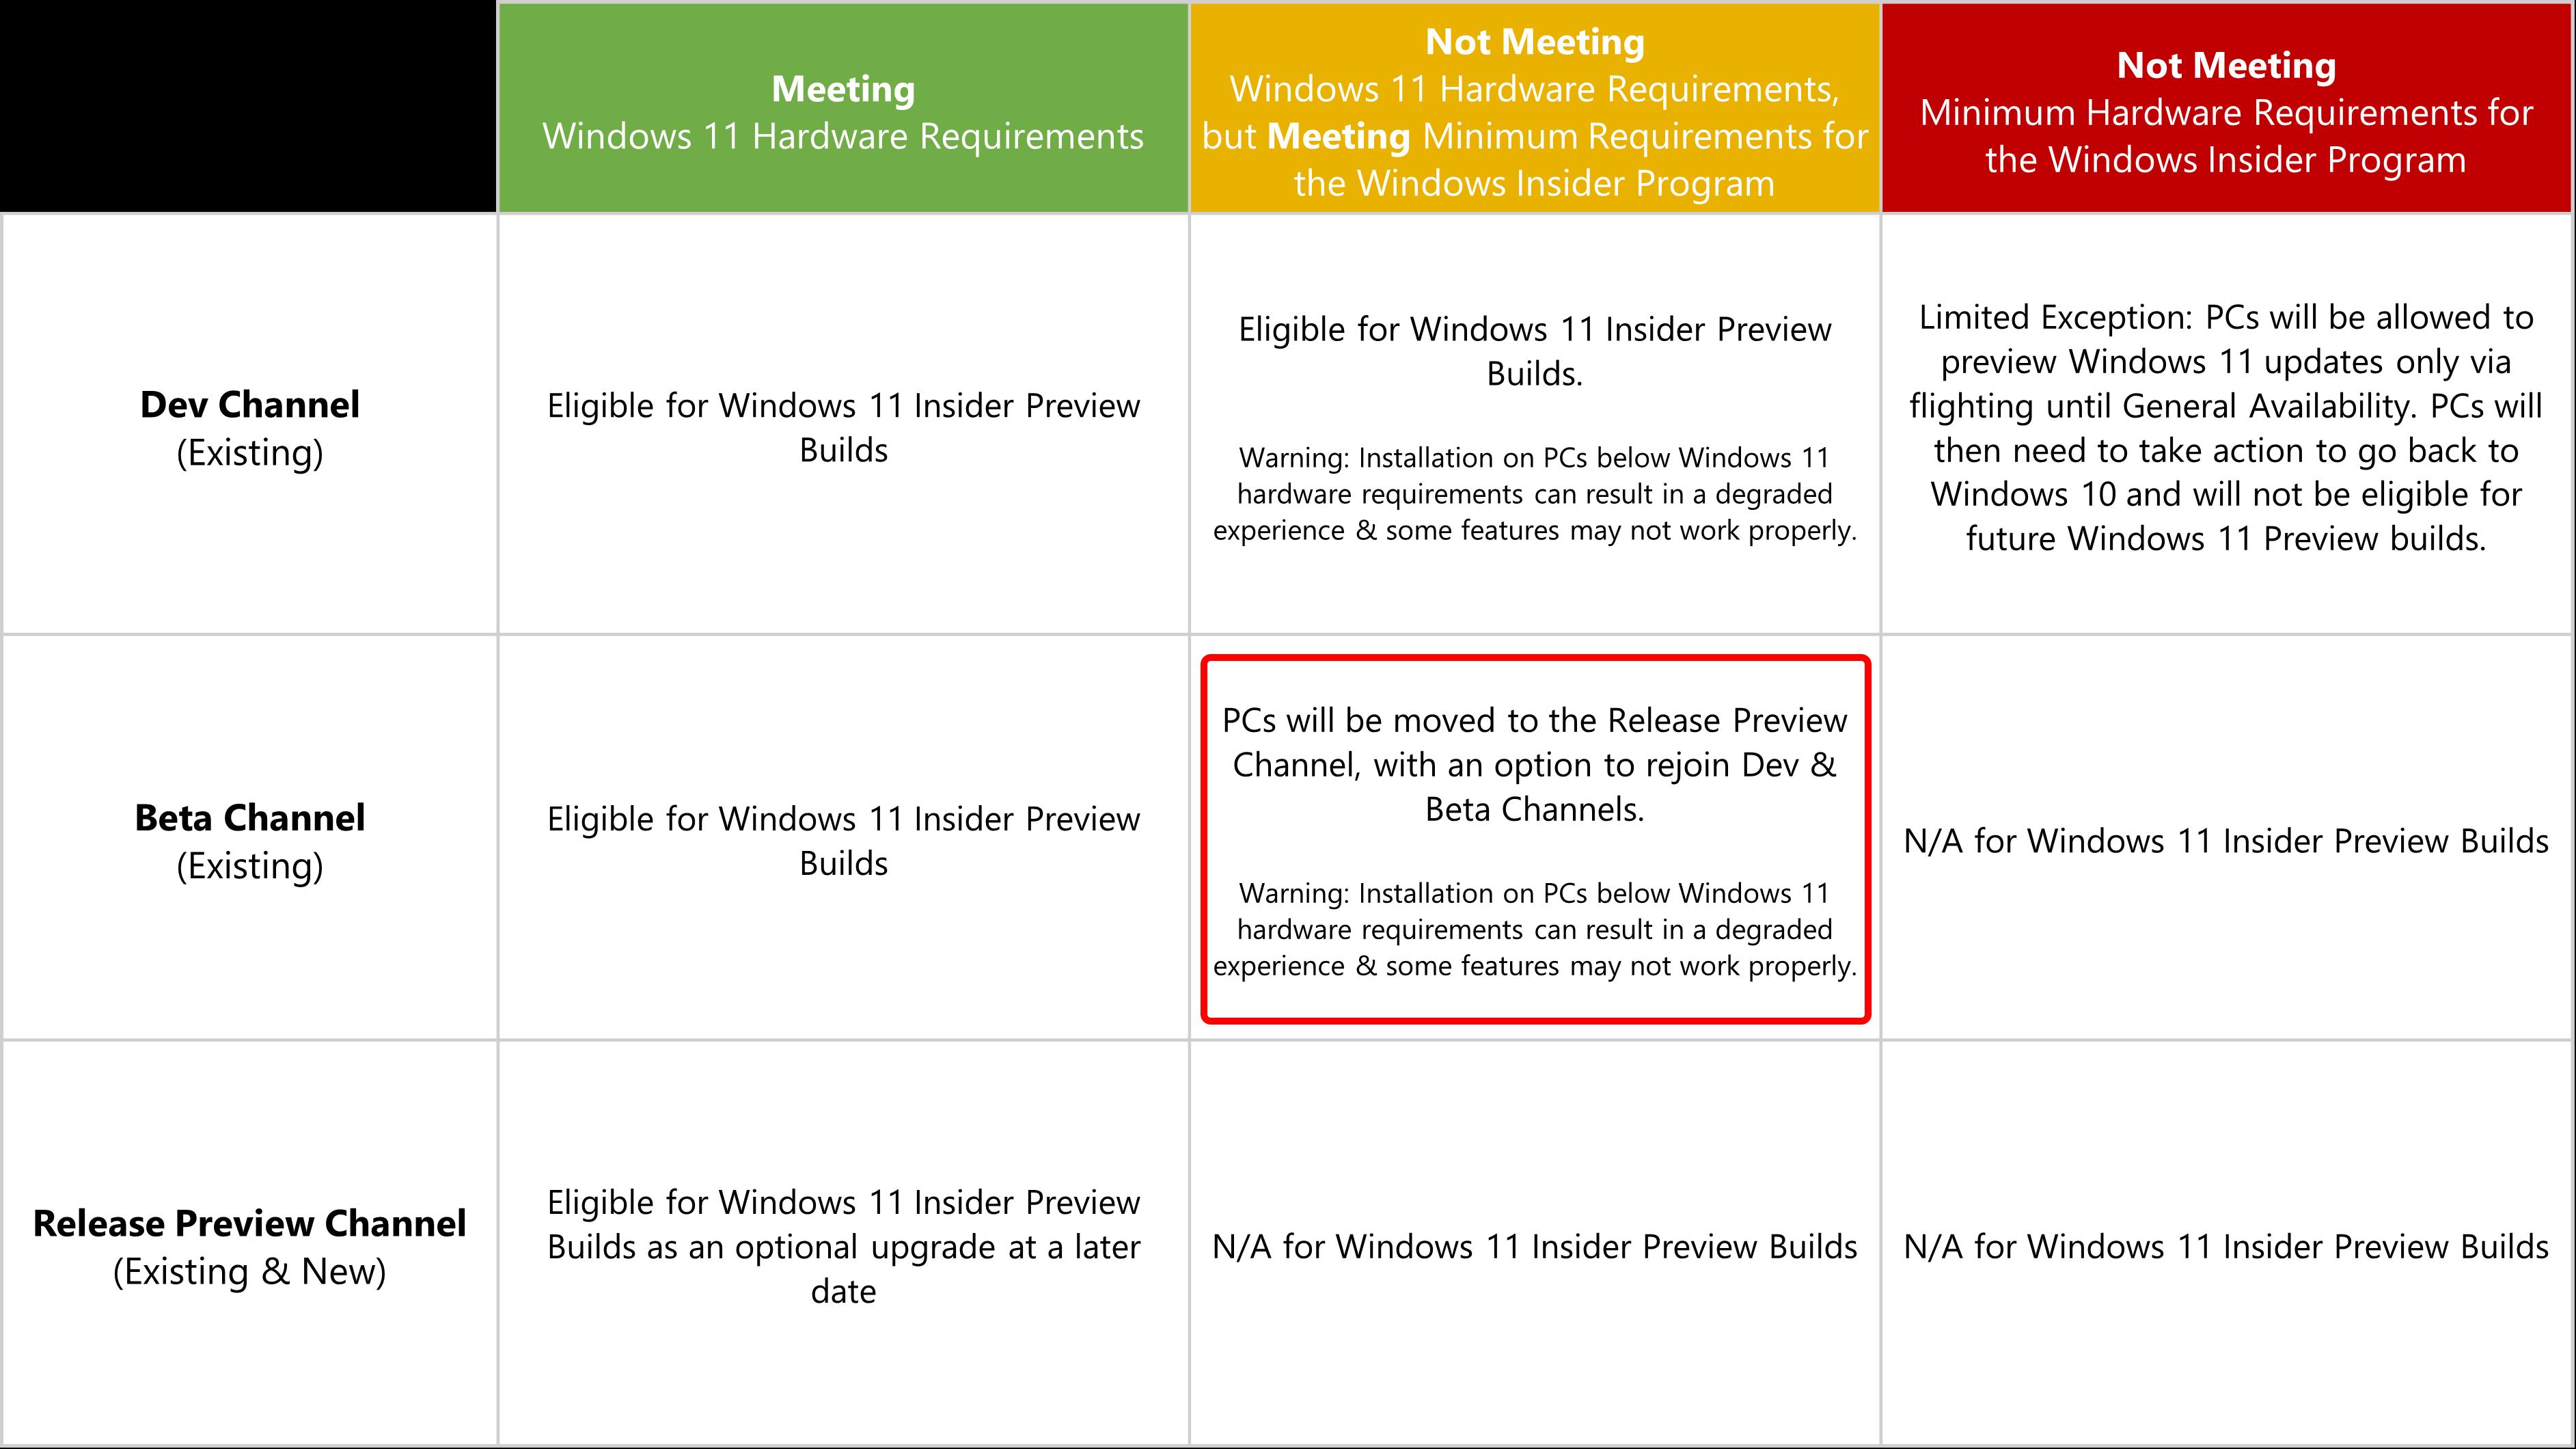 Windows 11のハードウェア要件を満たしていないためにBetaチャネルからRelease Previewチャネルに移されたテスター